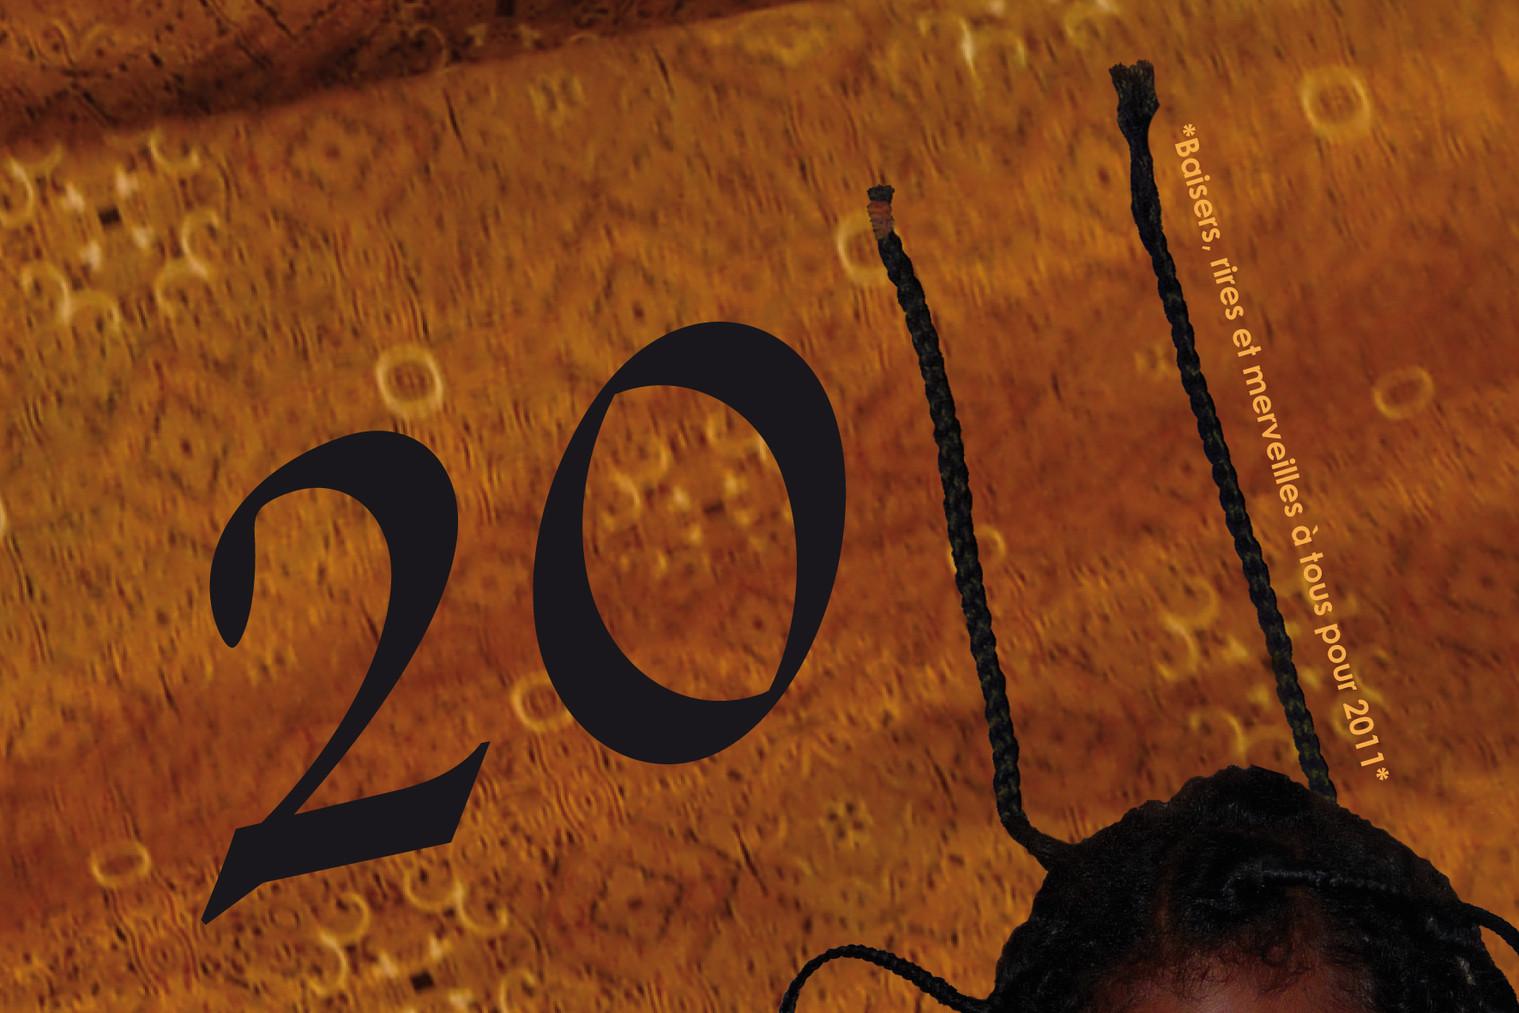 Carte de vœux personnelle 2011